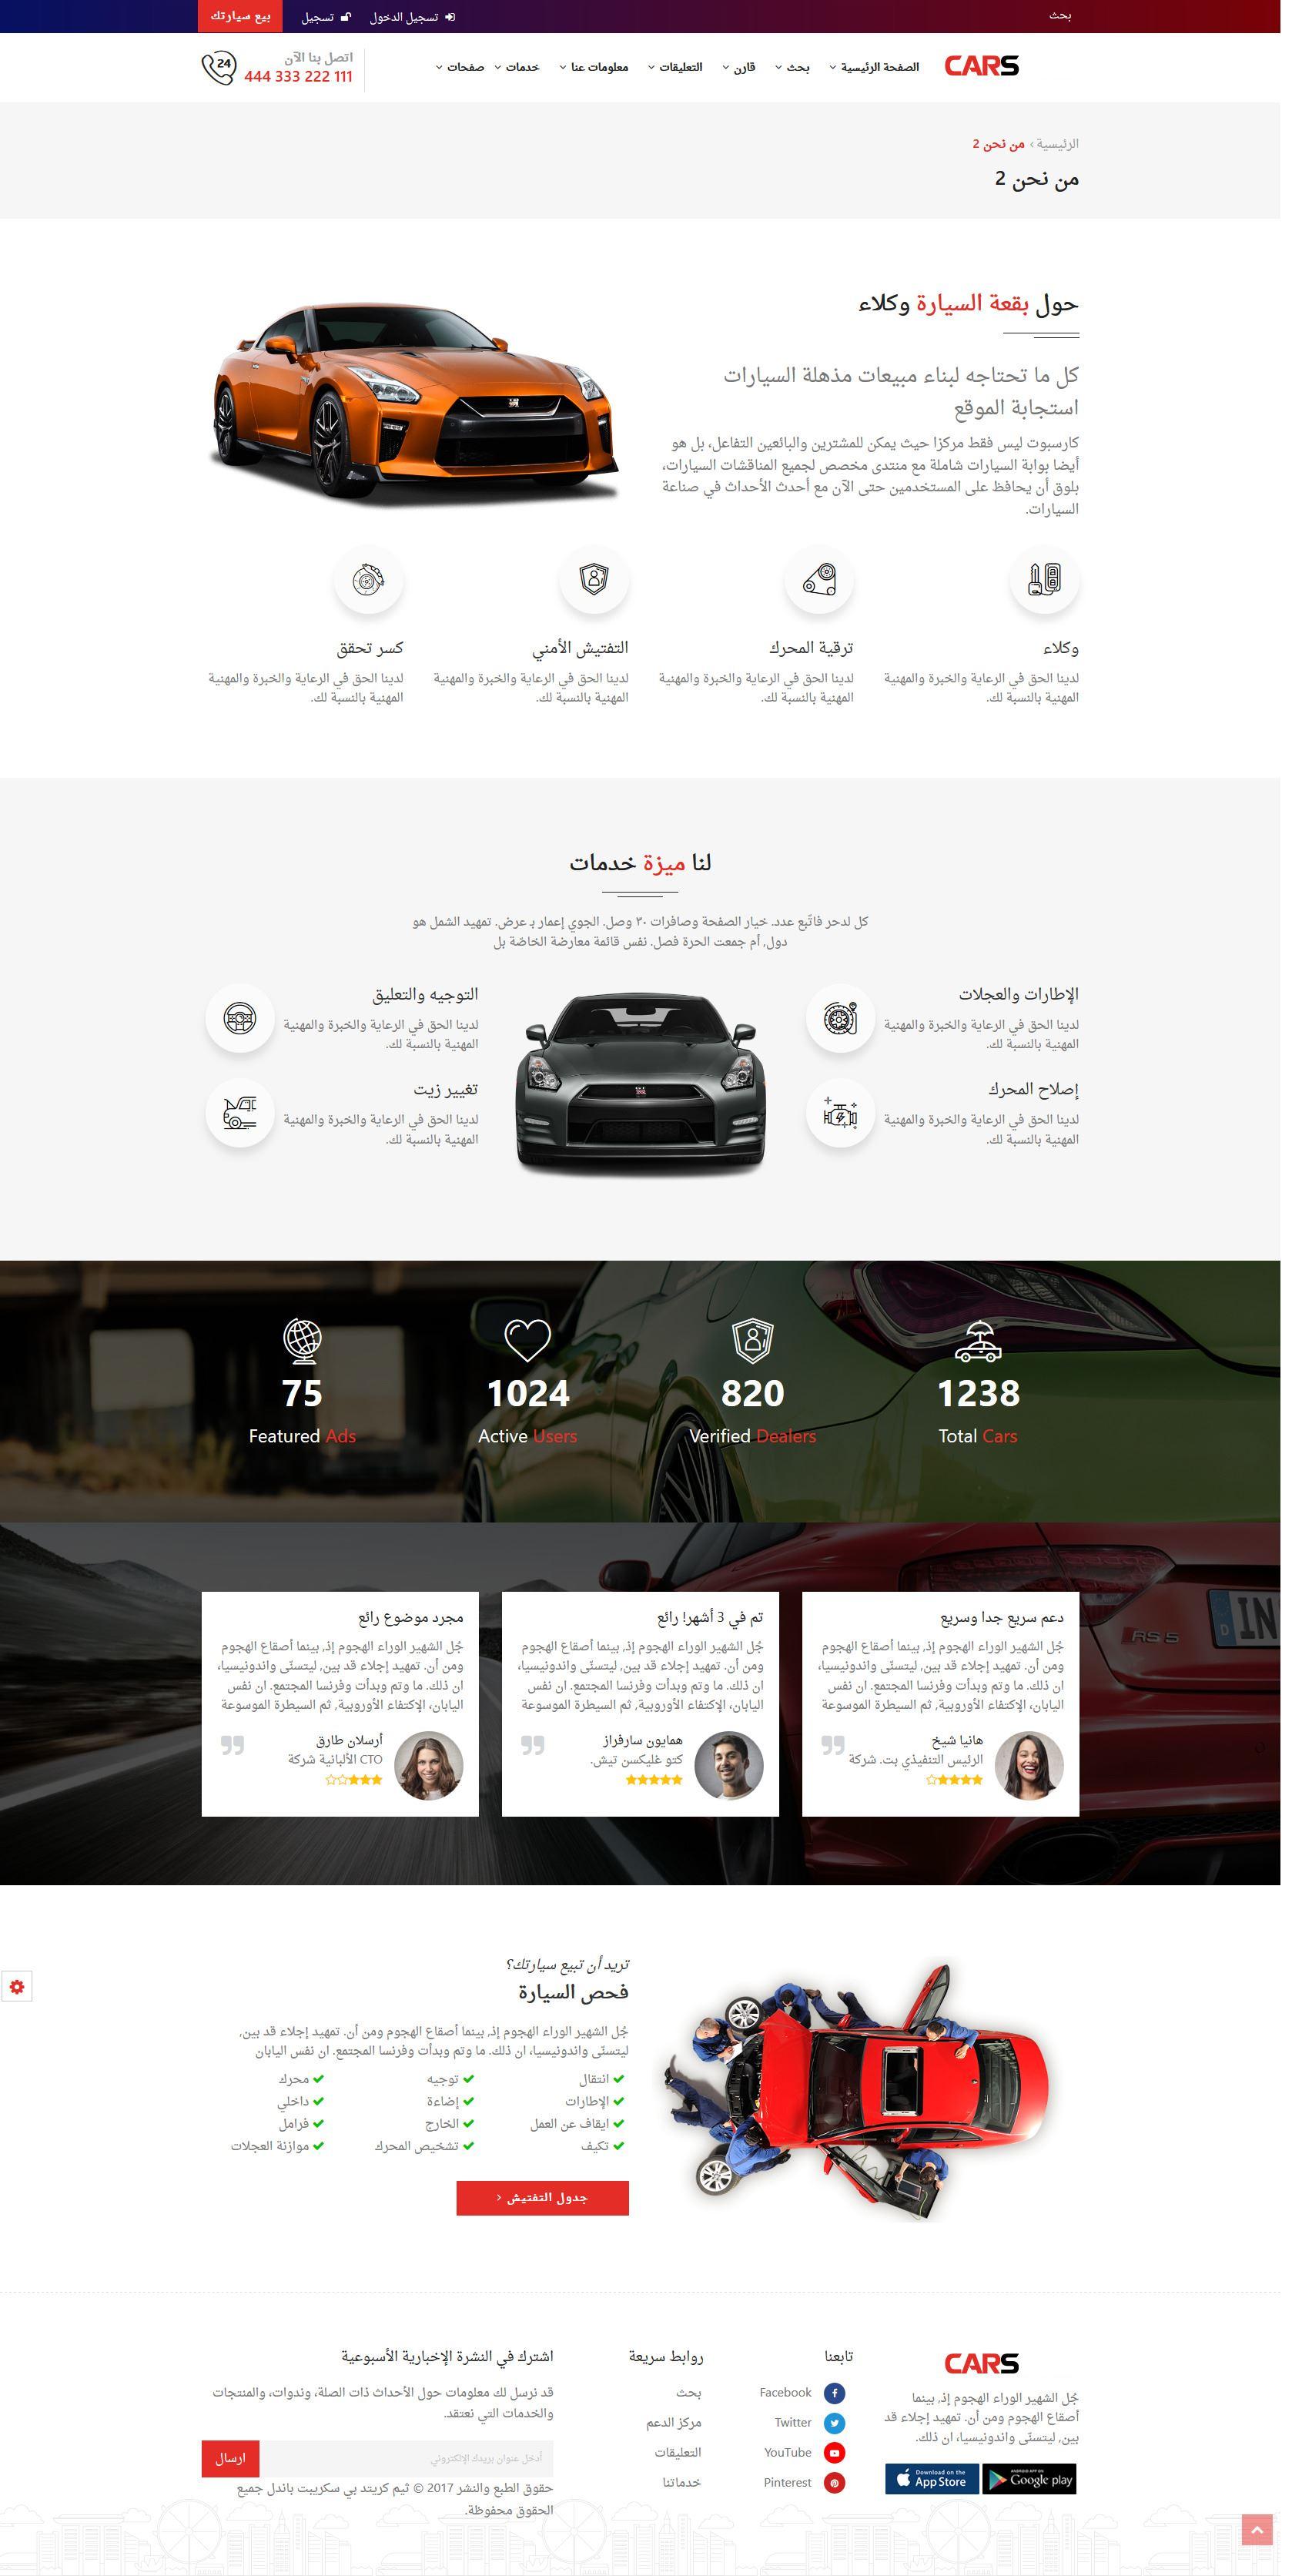 تصميم برنامج موقع حراج معارض سيارات - صفحة من نحن